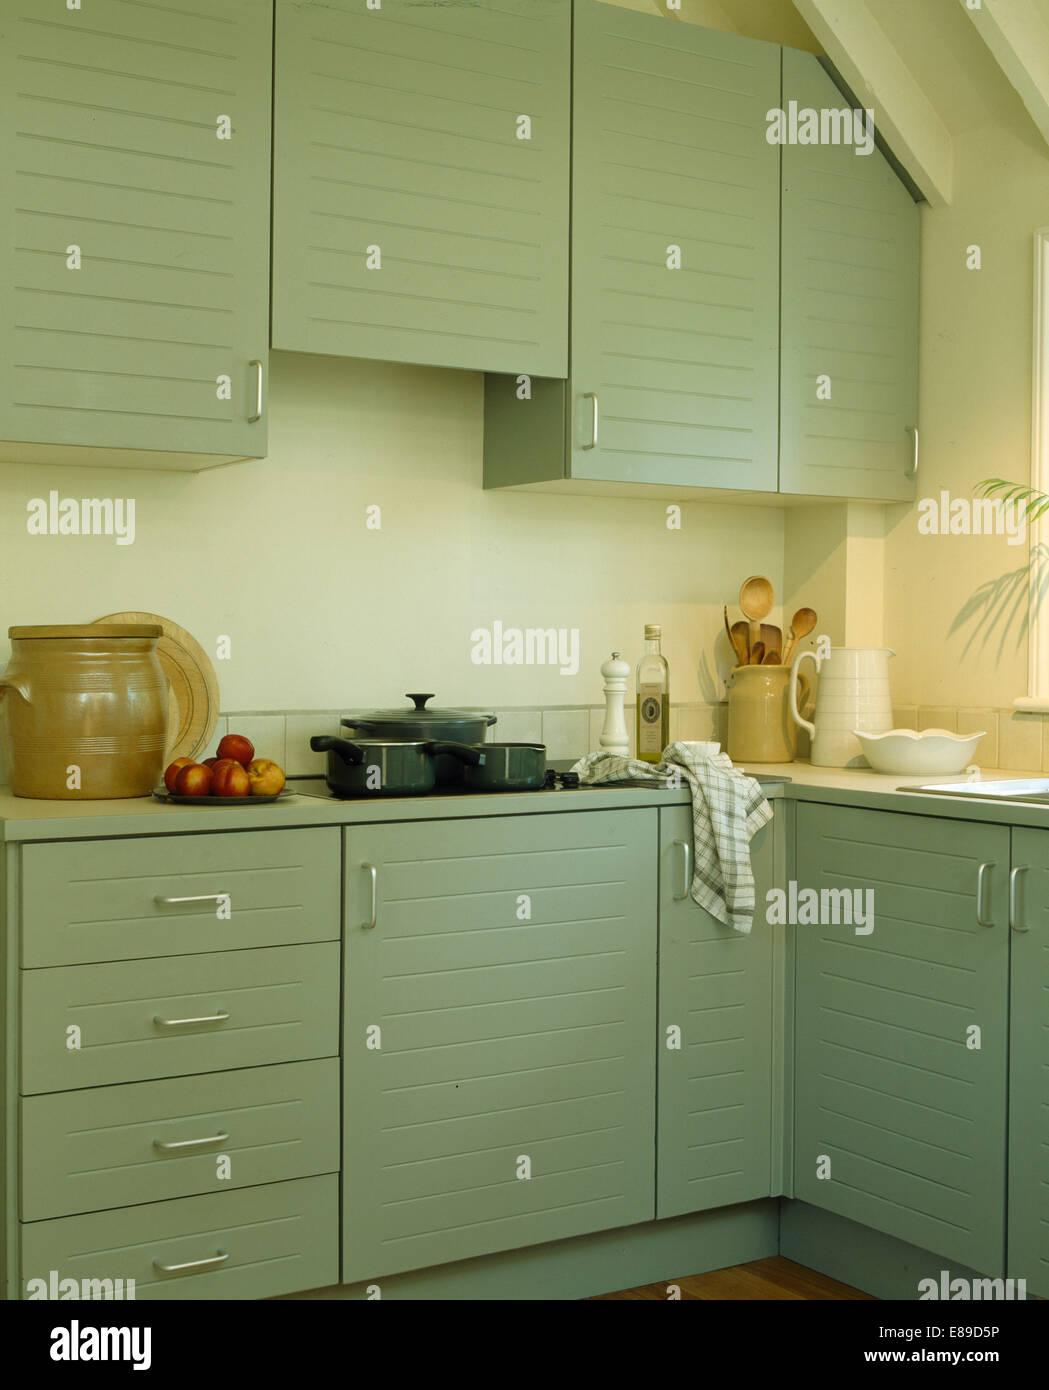 Pastell Grün Einheiten in Farrow + Ball malen in modernen Küche ...